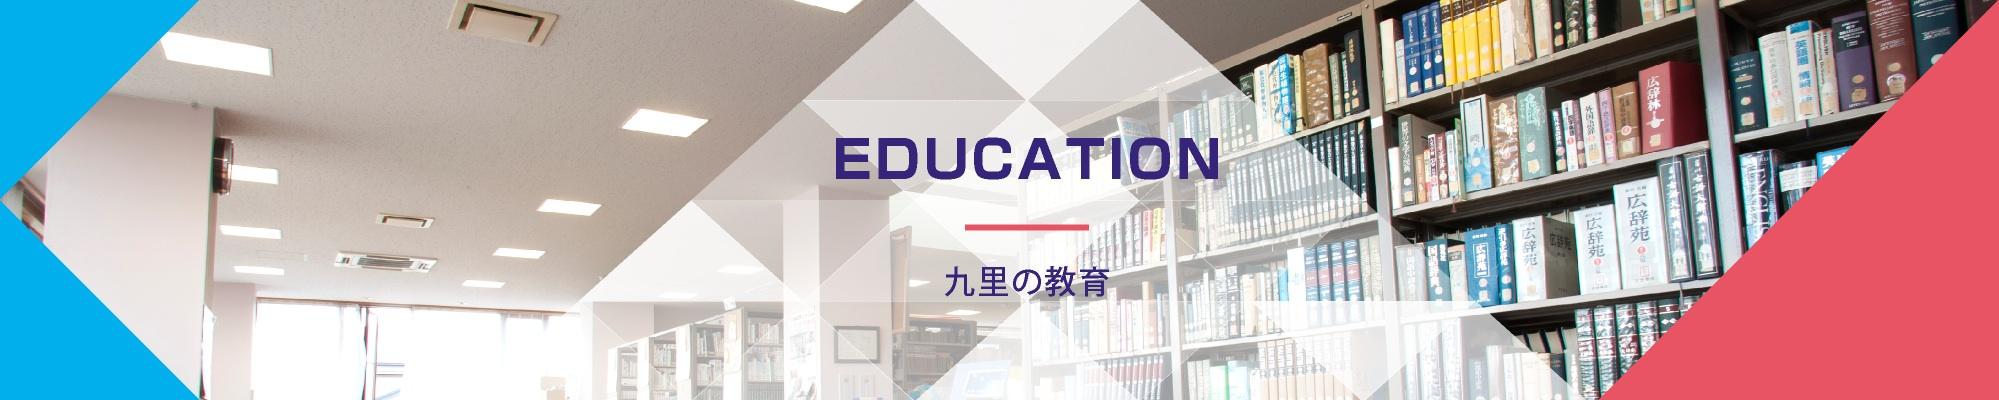 九里の教育